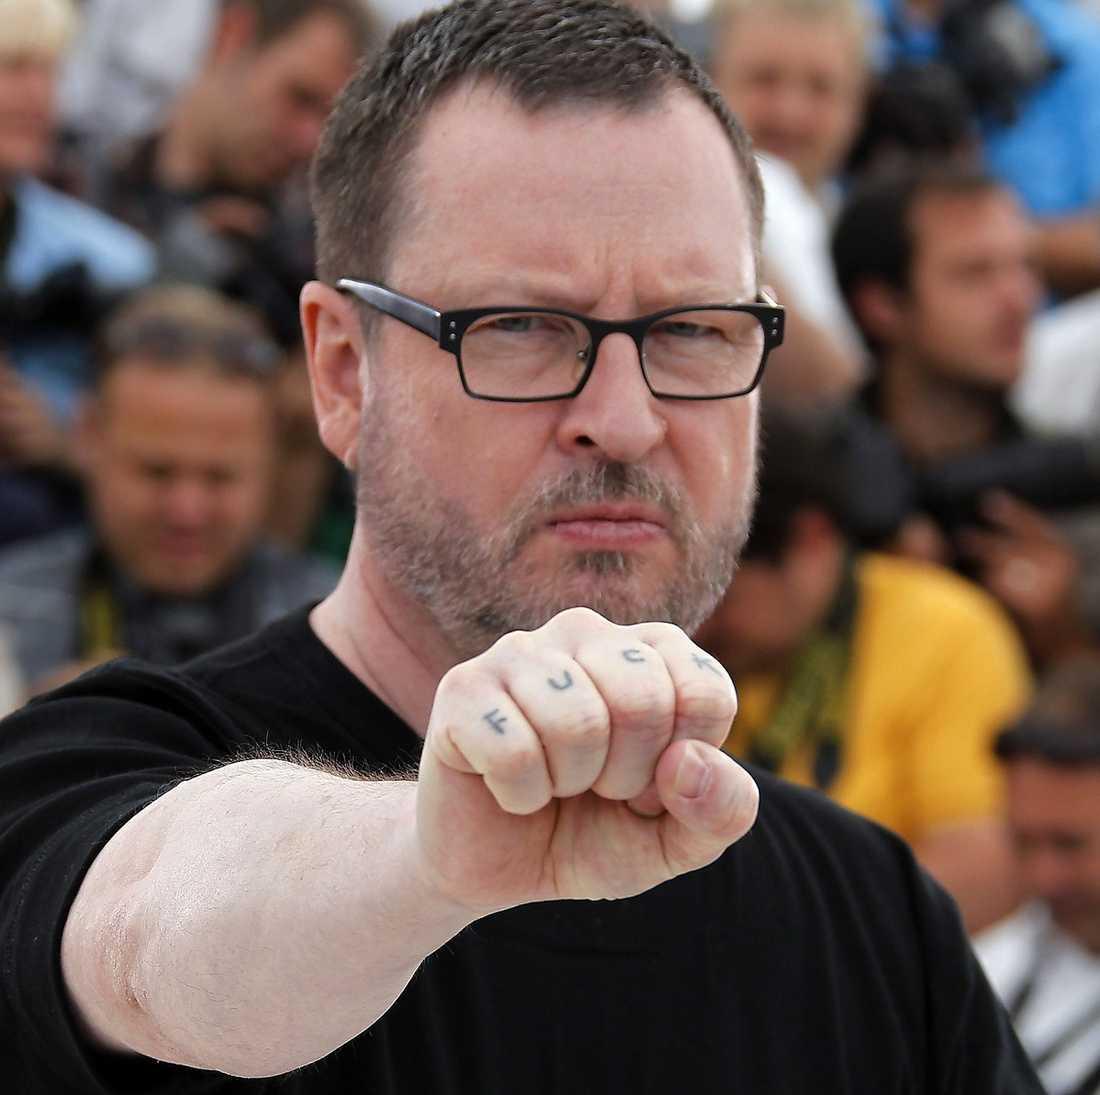 """VILT DYGN  Lars von Trier anlände till Cannes och skapade kaos. För all världens kameror visade han upp sin ena knoge som han hade skrivit """"fuck"""" på. På den efterföljande presskonferensen med Kirsten Dunst chockade han med sina nazistskämt. Det var desto lugnare på kvällen när han gick på röda mattan med stjärnorna ur """"Melancholia"""" – men då hade festivalledningen tvingat fram en ursäkt ur honom."""